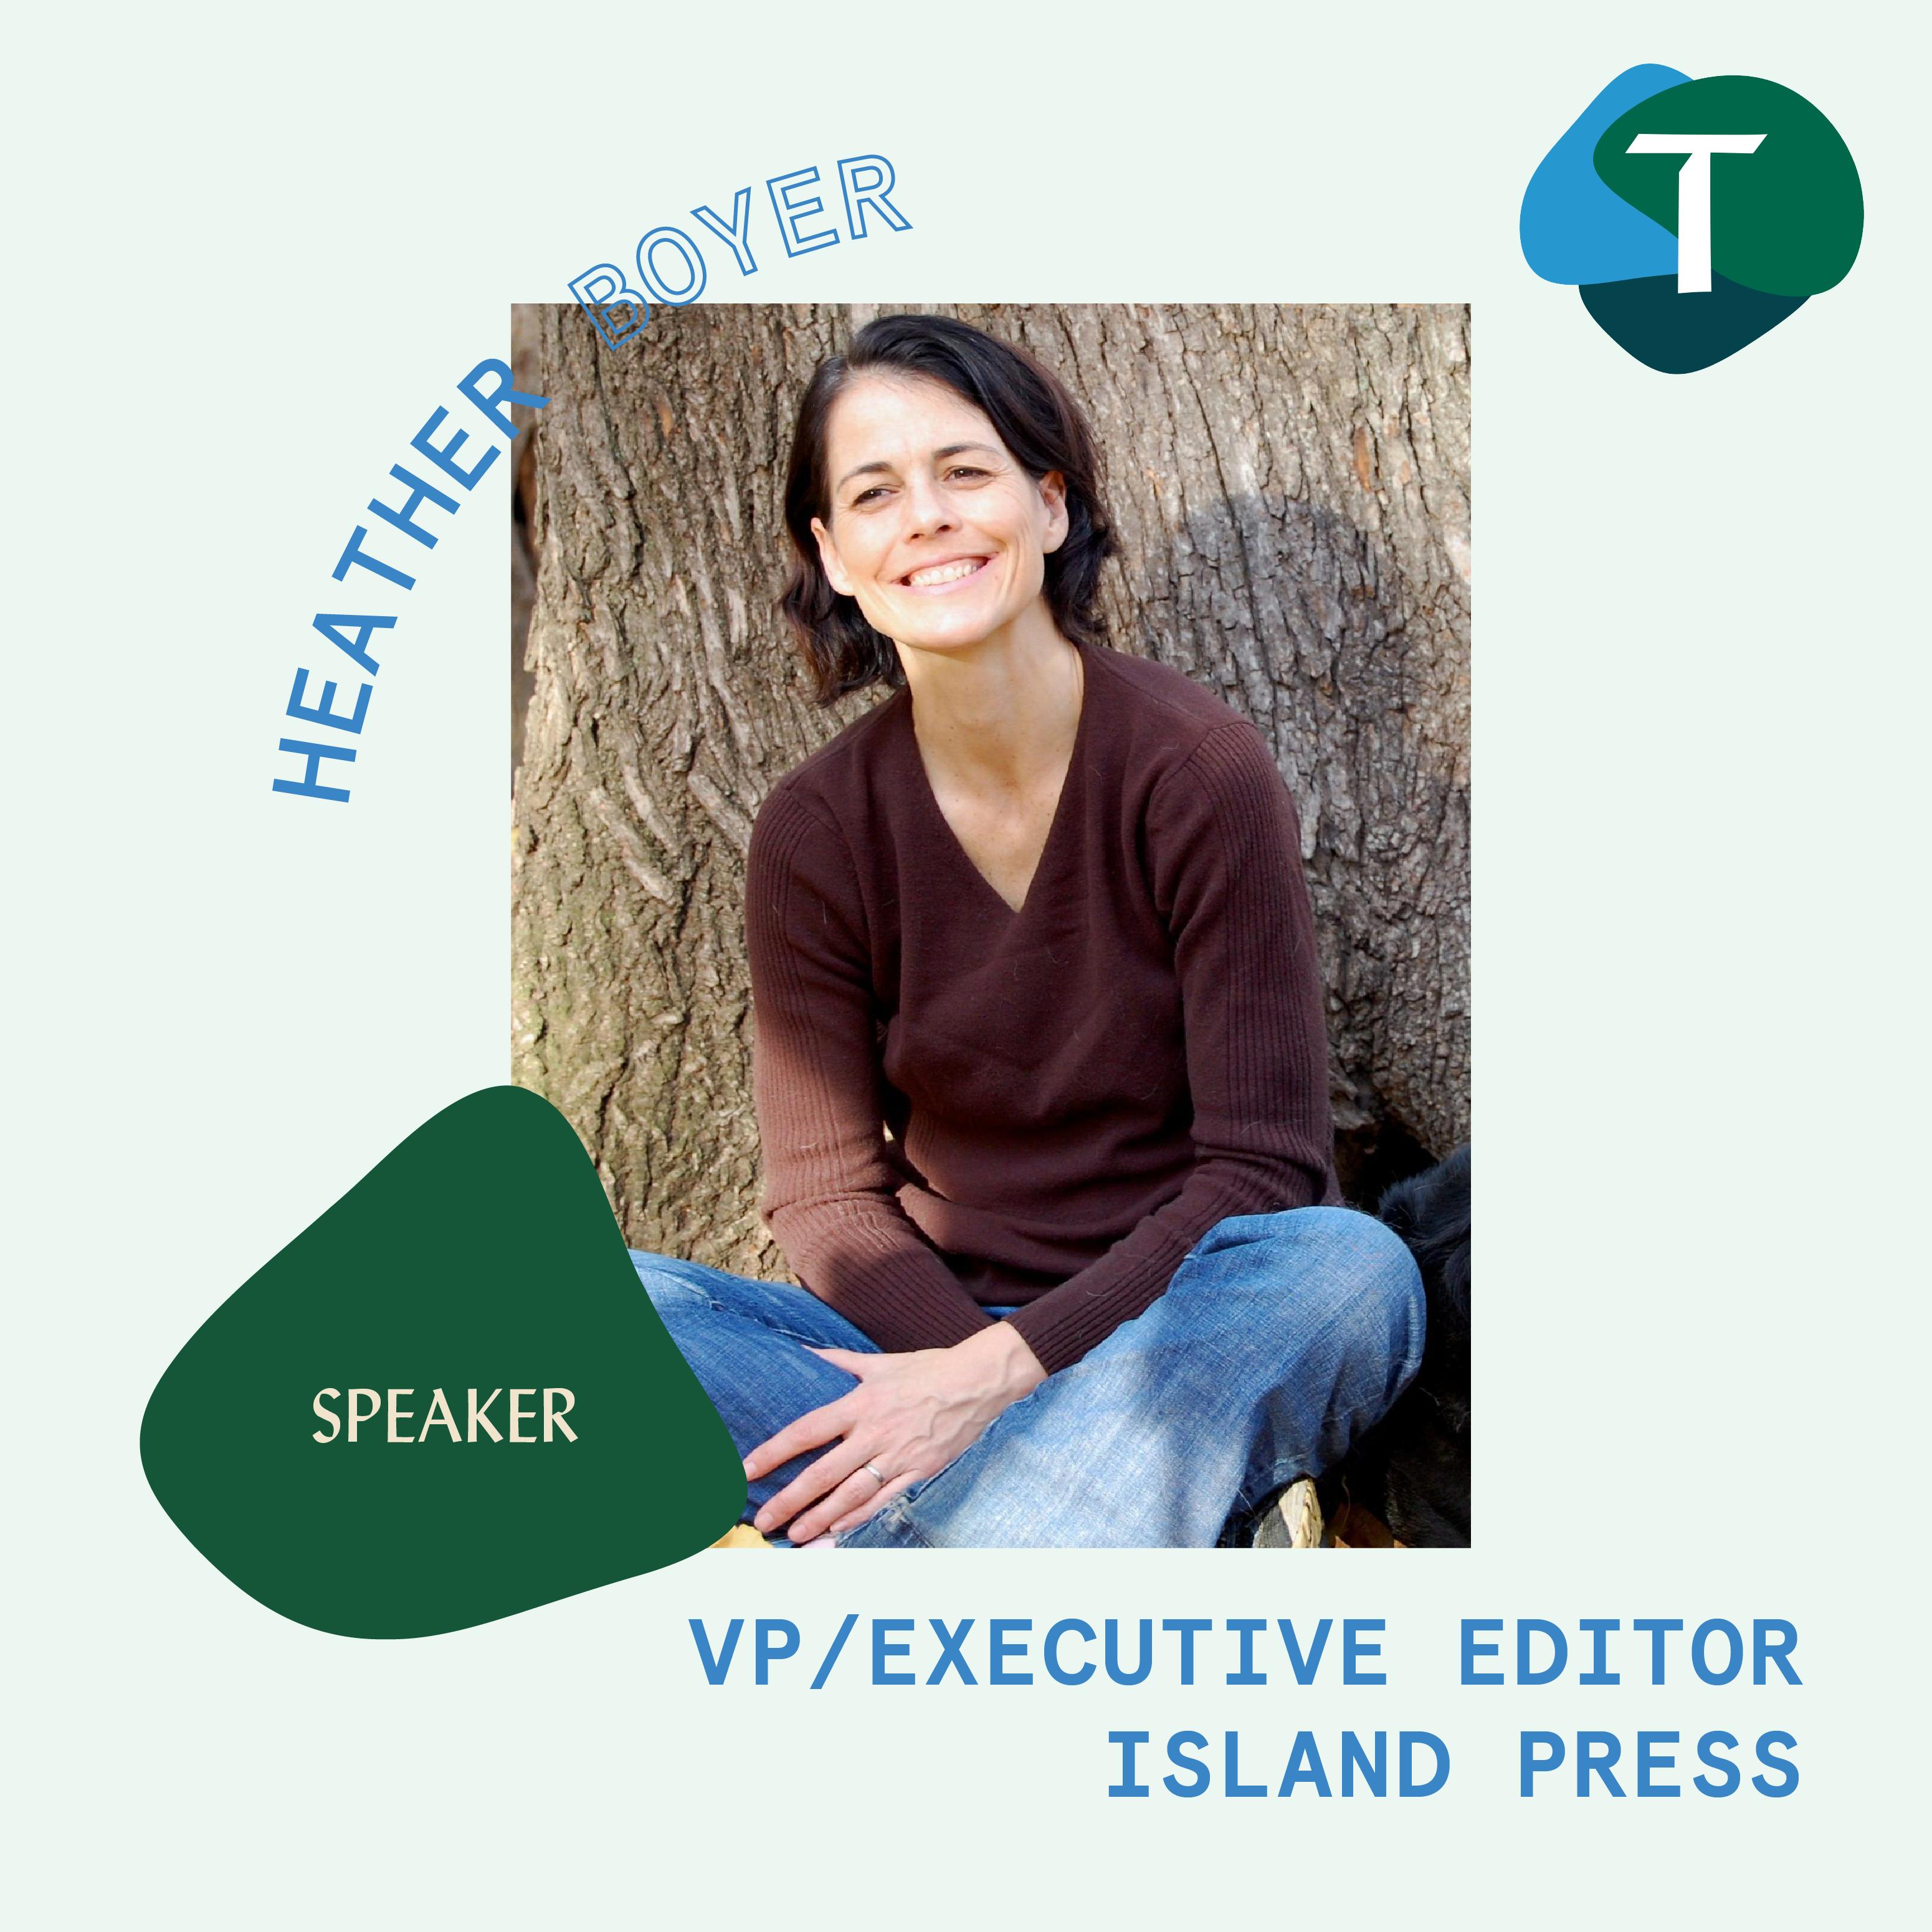 Heather Boyer